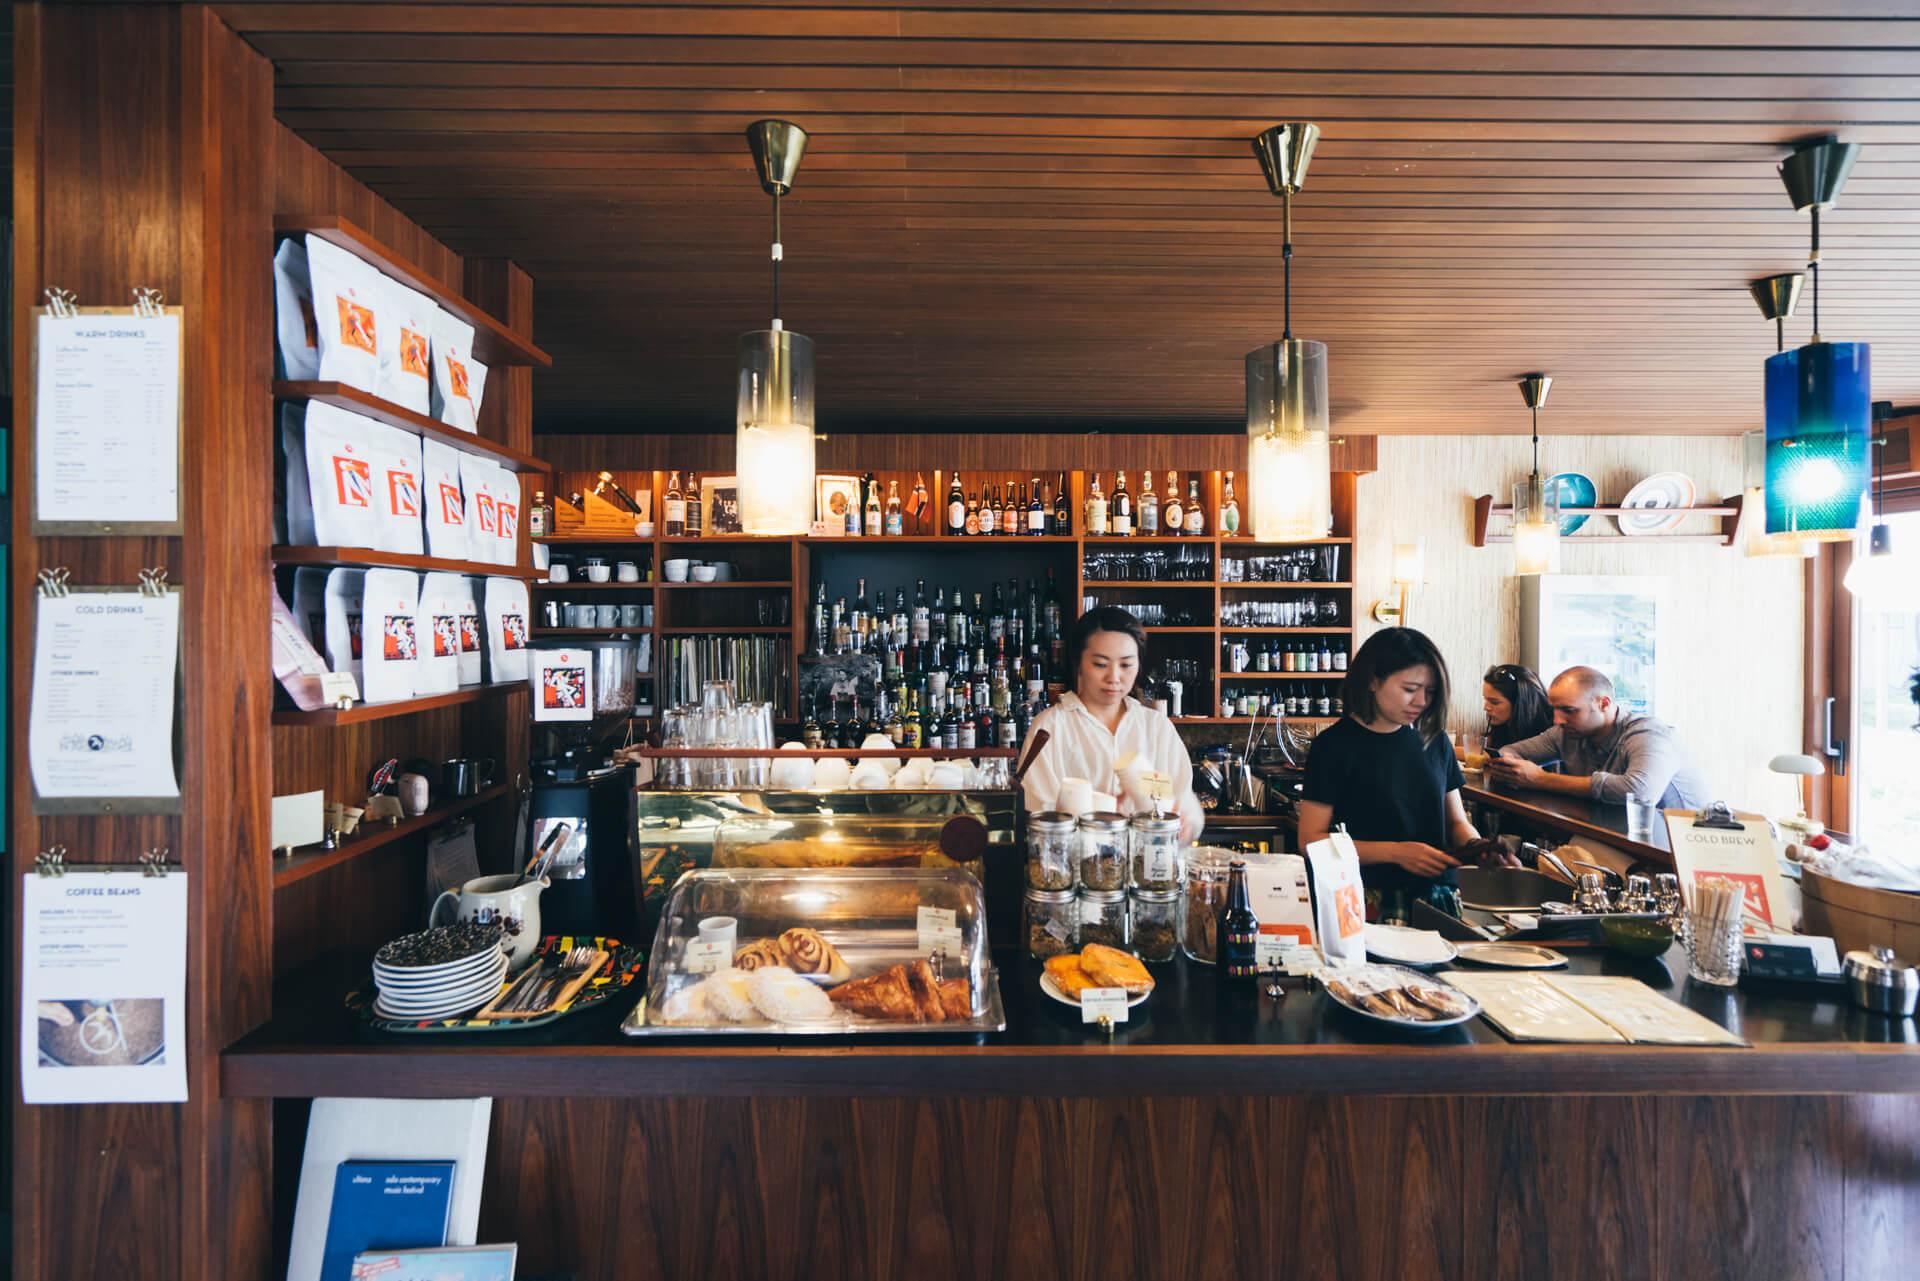 コーヒーを愛する街オスロの文化に触れる『Fuglen Tokyo』(東京・代々木公園)